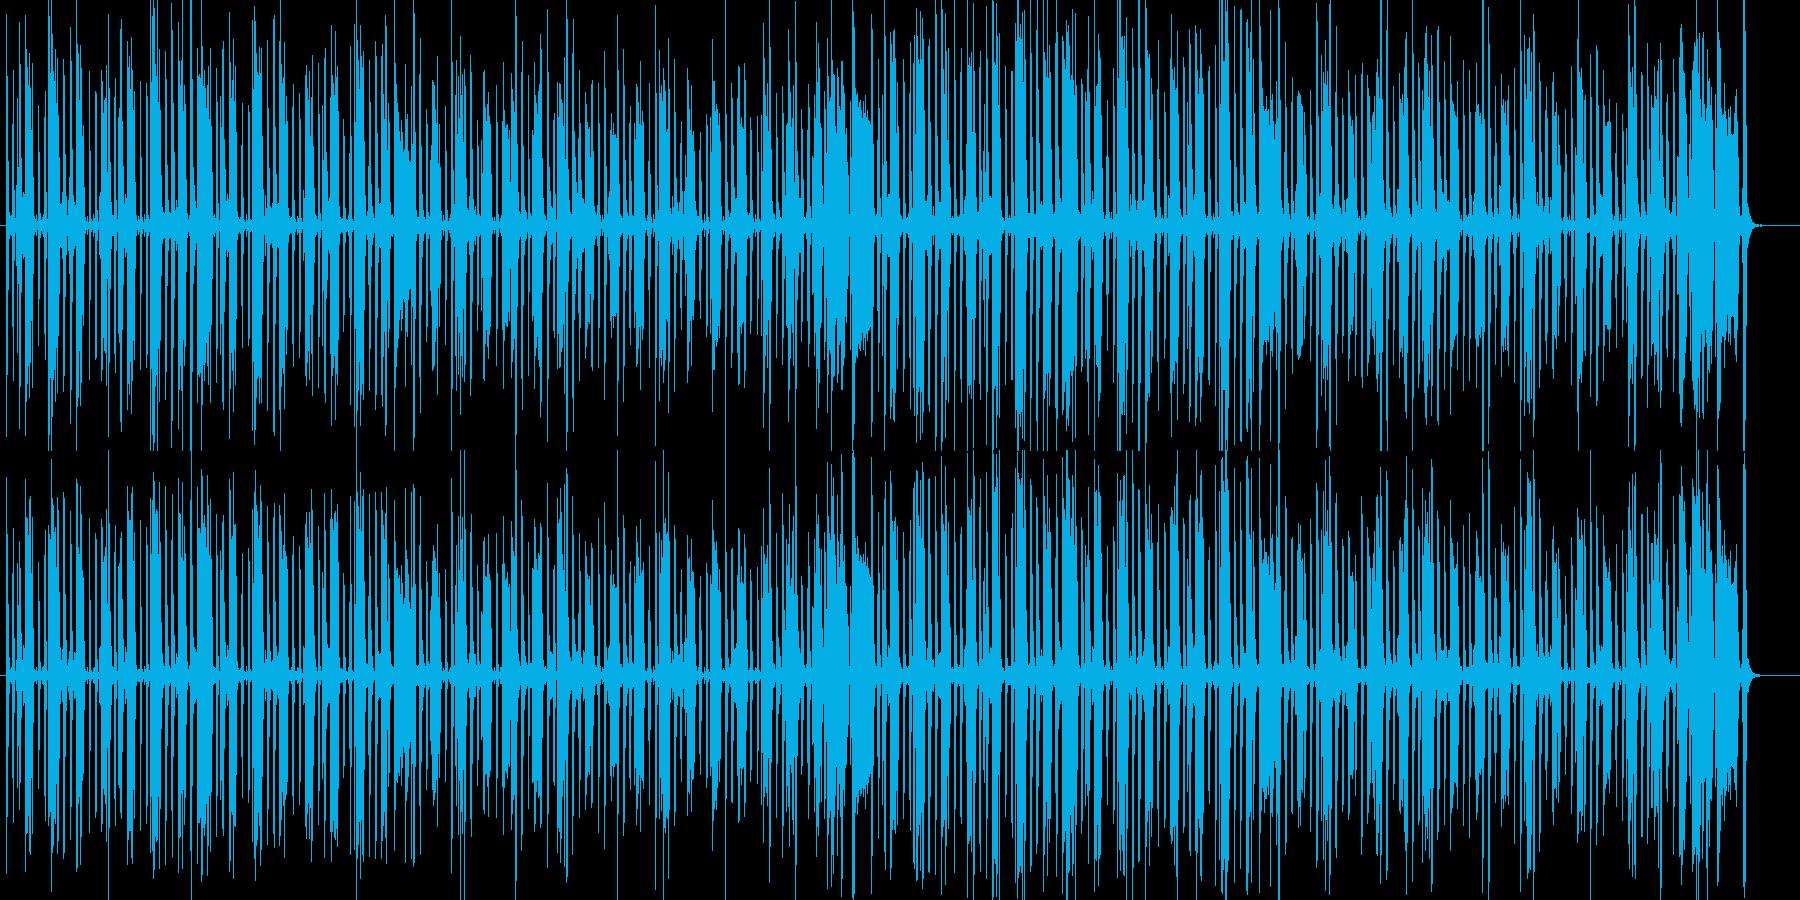 ほのぼのあたたかい感じの日常シーンの劇伴の再生済みの波形